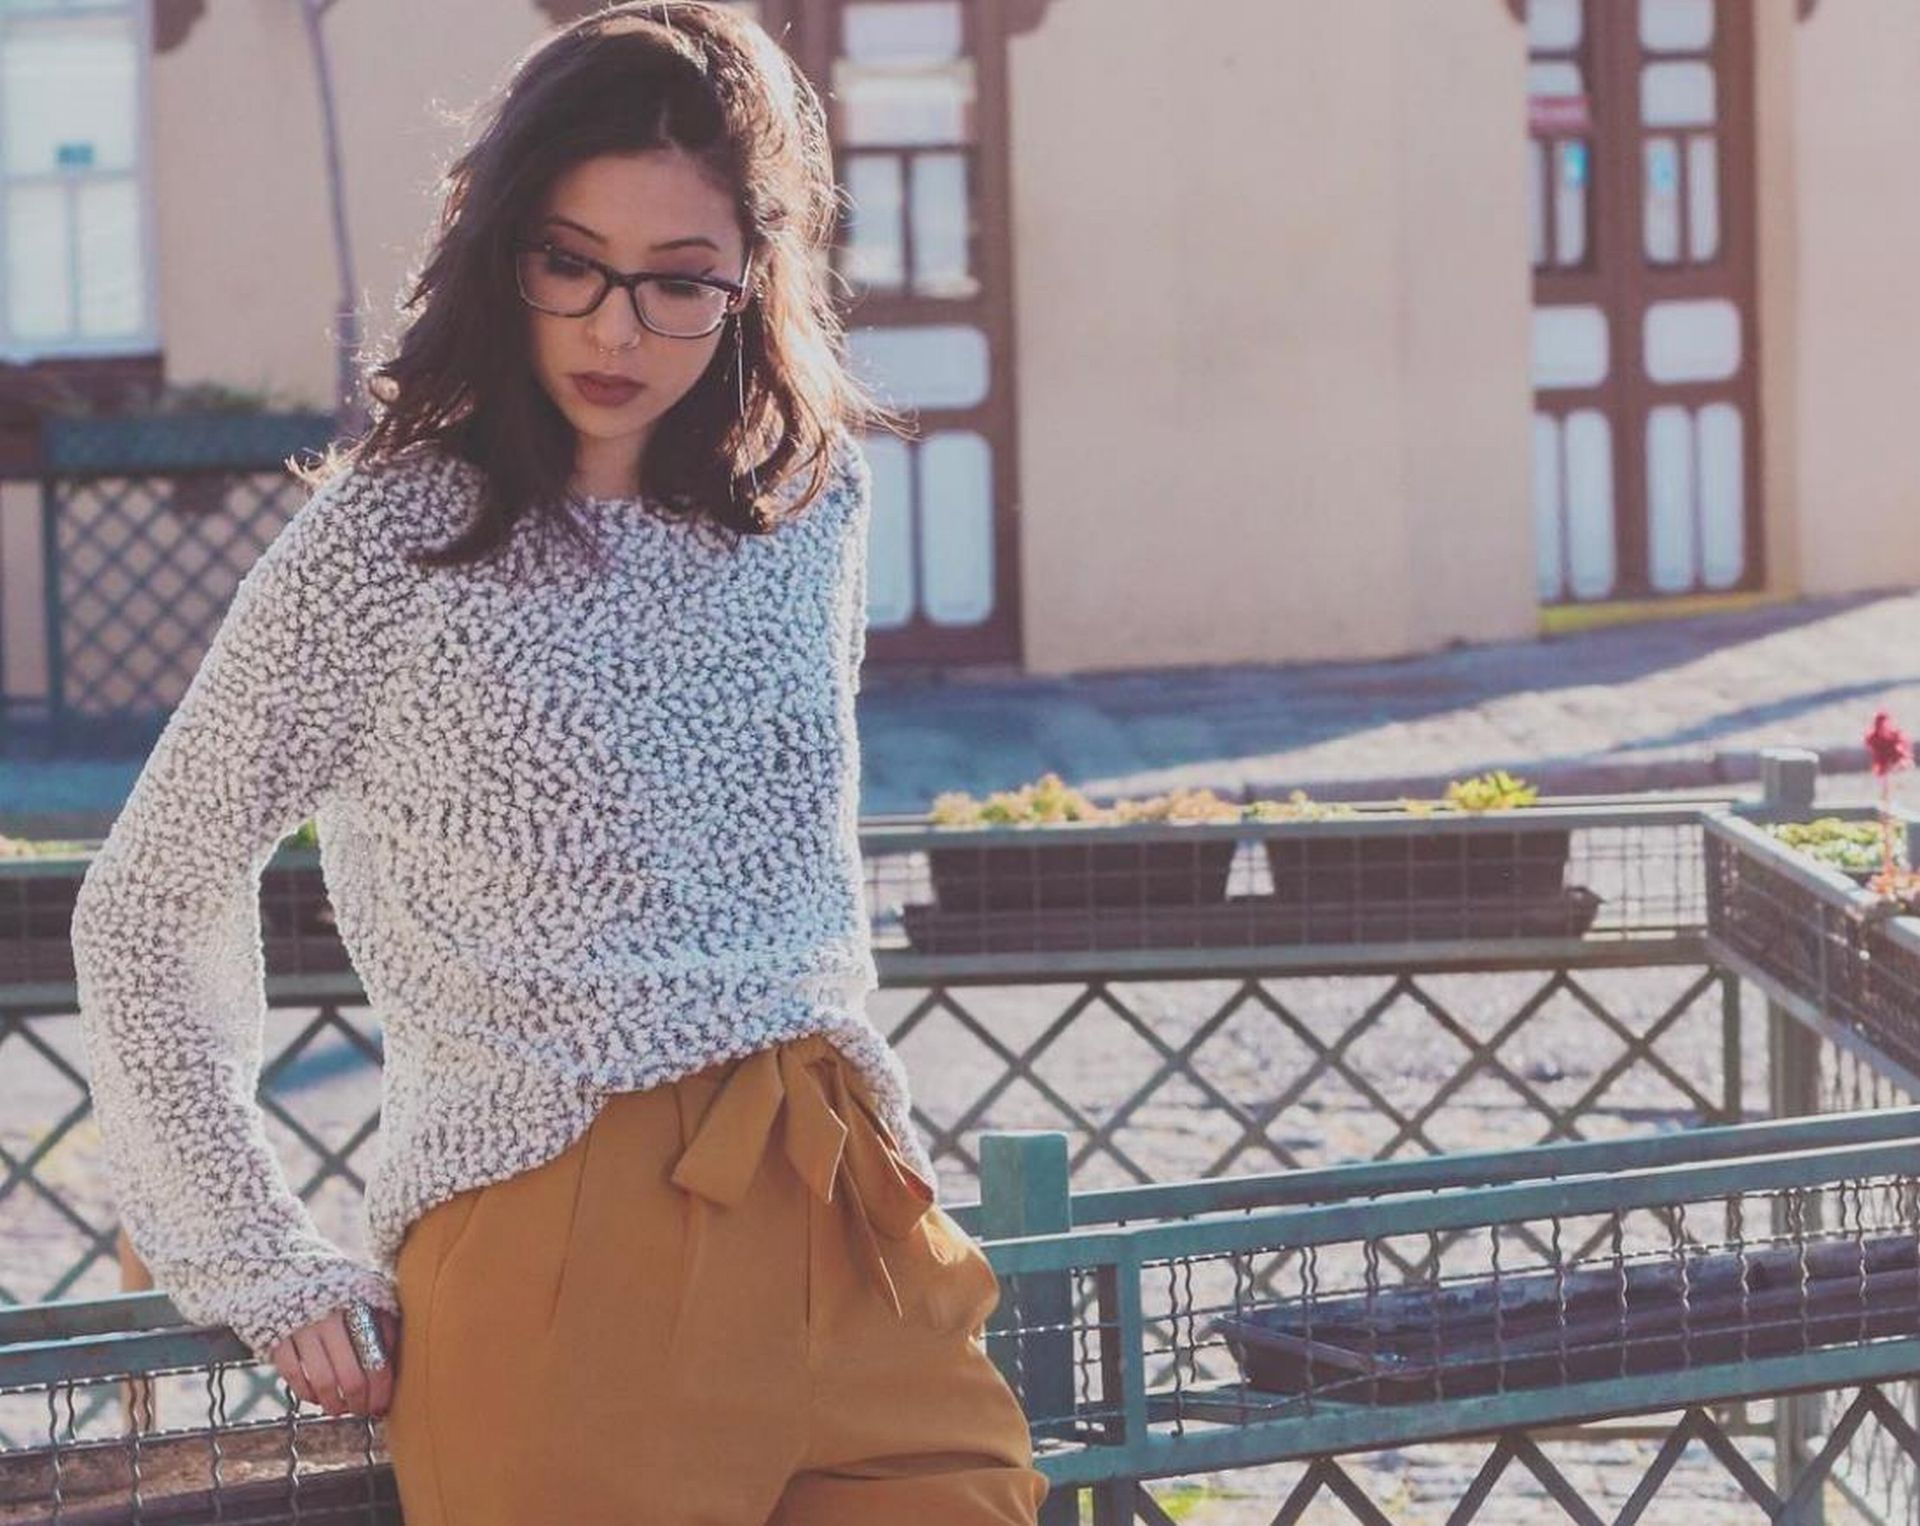 Para não levar o guarda-roupas inteiro, a gerente de projetos Caroline da Costa planeja tudo antes de arrumar a mala. Foto: acervo pessoal.